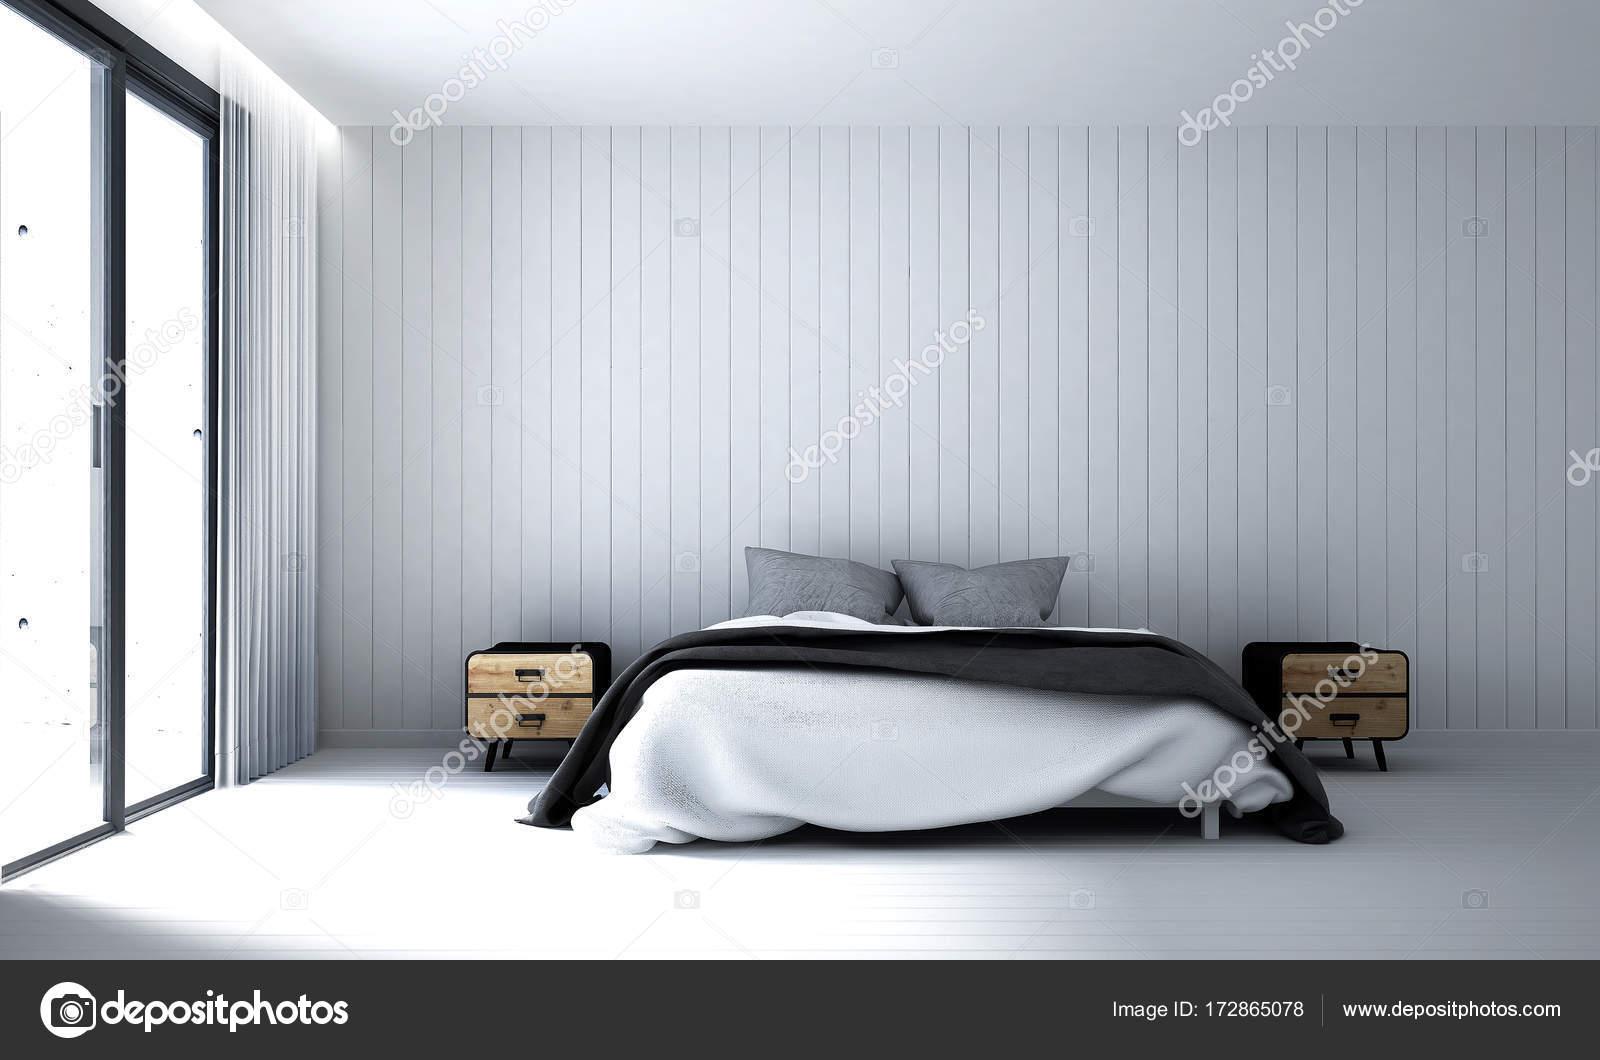 Quarto Moderno Design Interior E Branco Parede Plano De Fundo U2014 Fotografia  De Stock